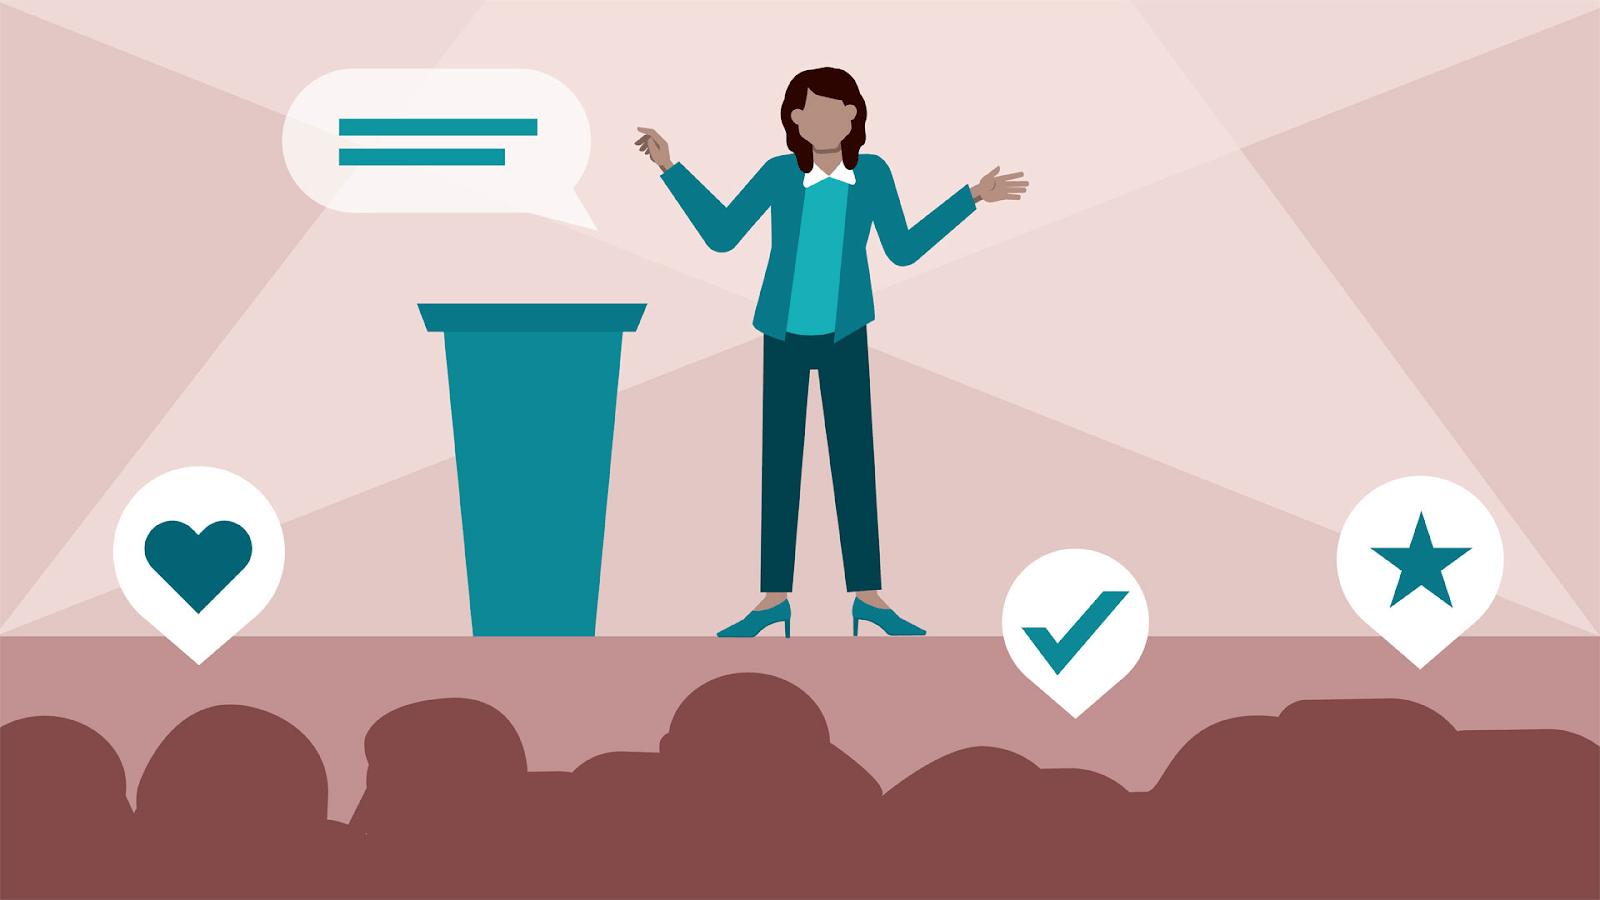 Kỹ năng thuyết trình giúp các cá nhân nâng cao cơ hội để phát triển bản thân